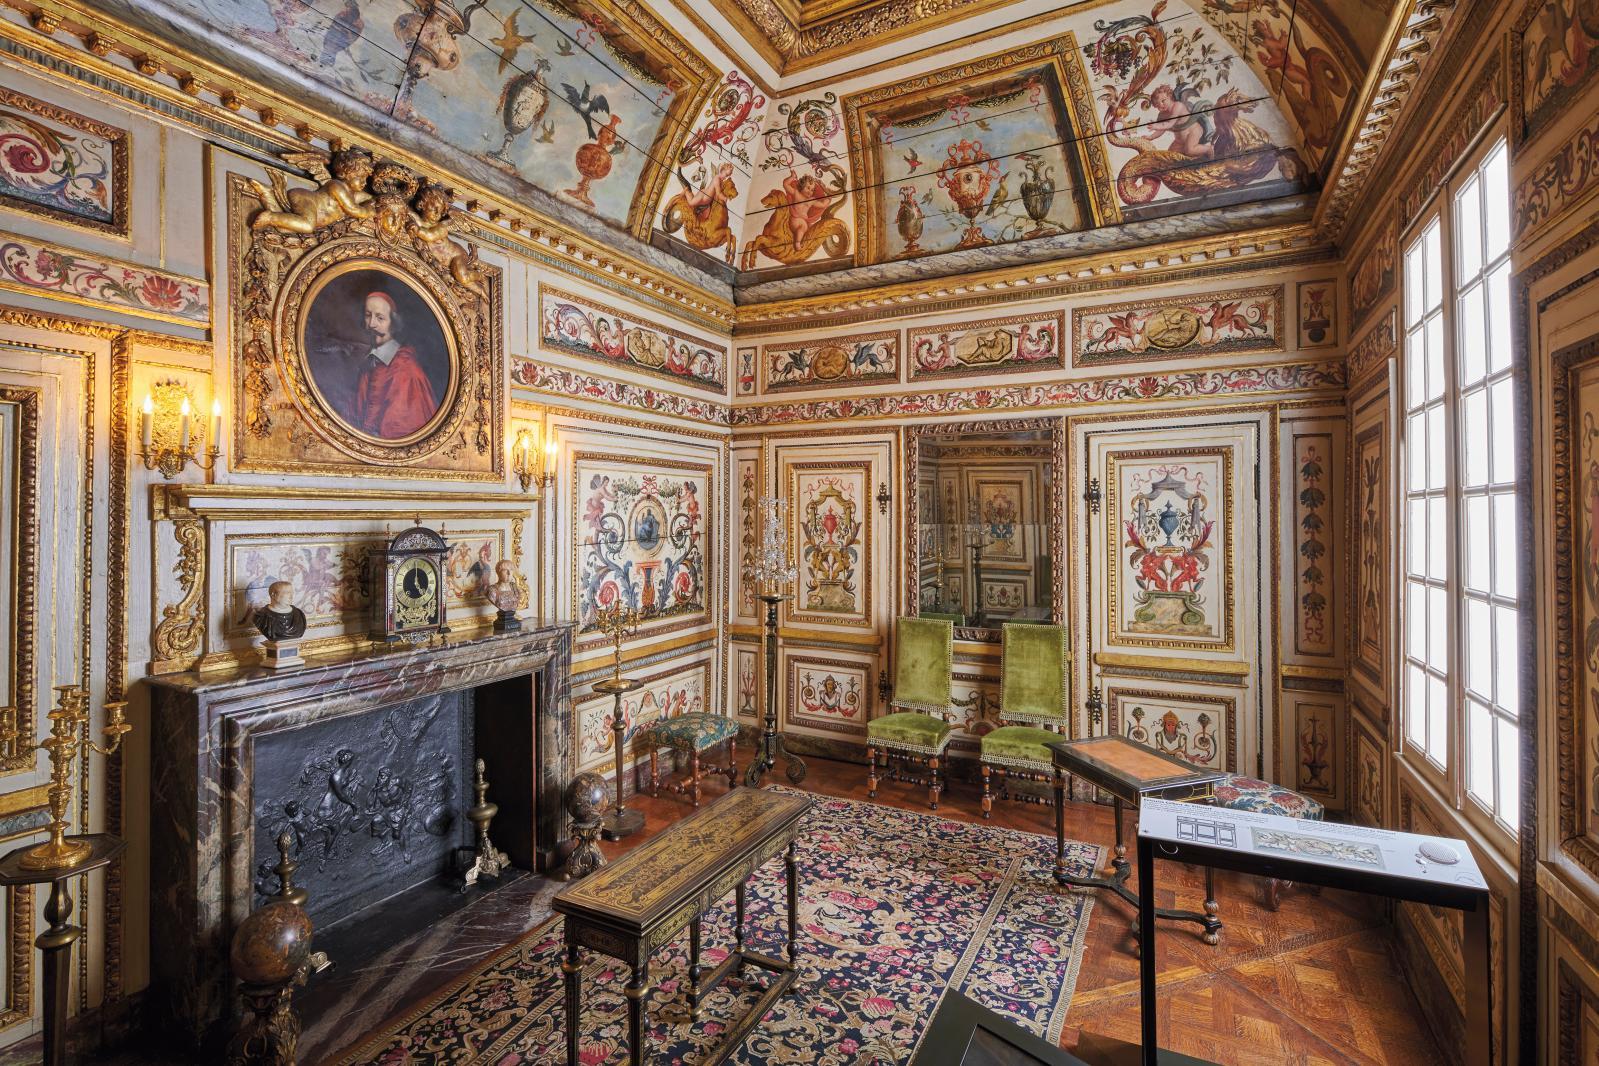 Les boiseries du cabinet de l'hôtel Colbert de Villacerf, acquises par la Ville de Paris en 1867. © Musée Carnavalet - Histoire de Paris ©